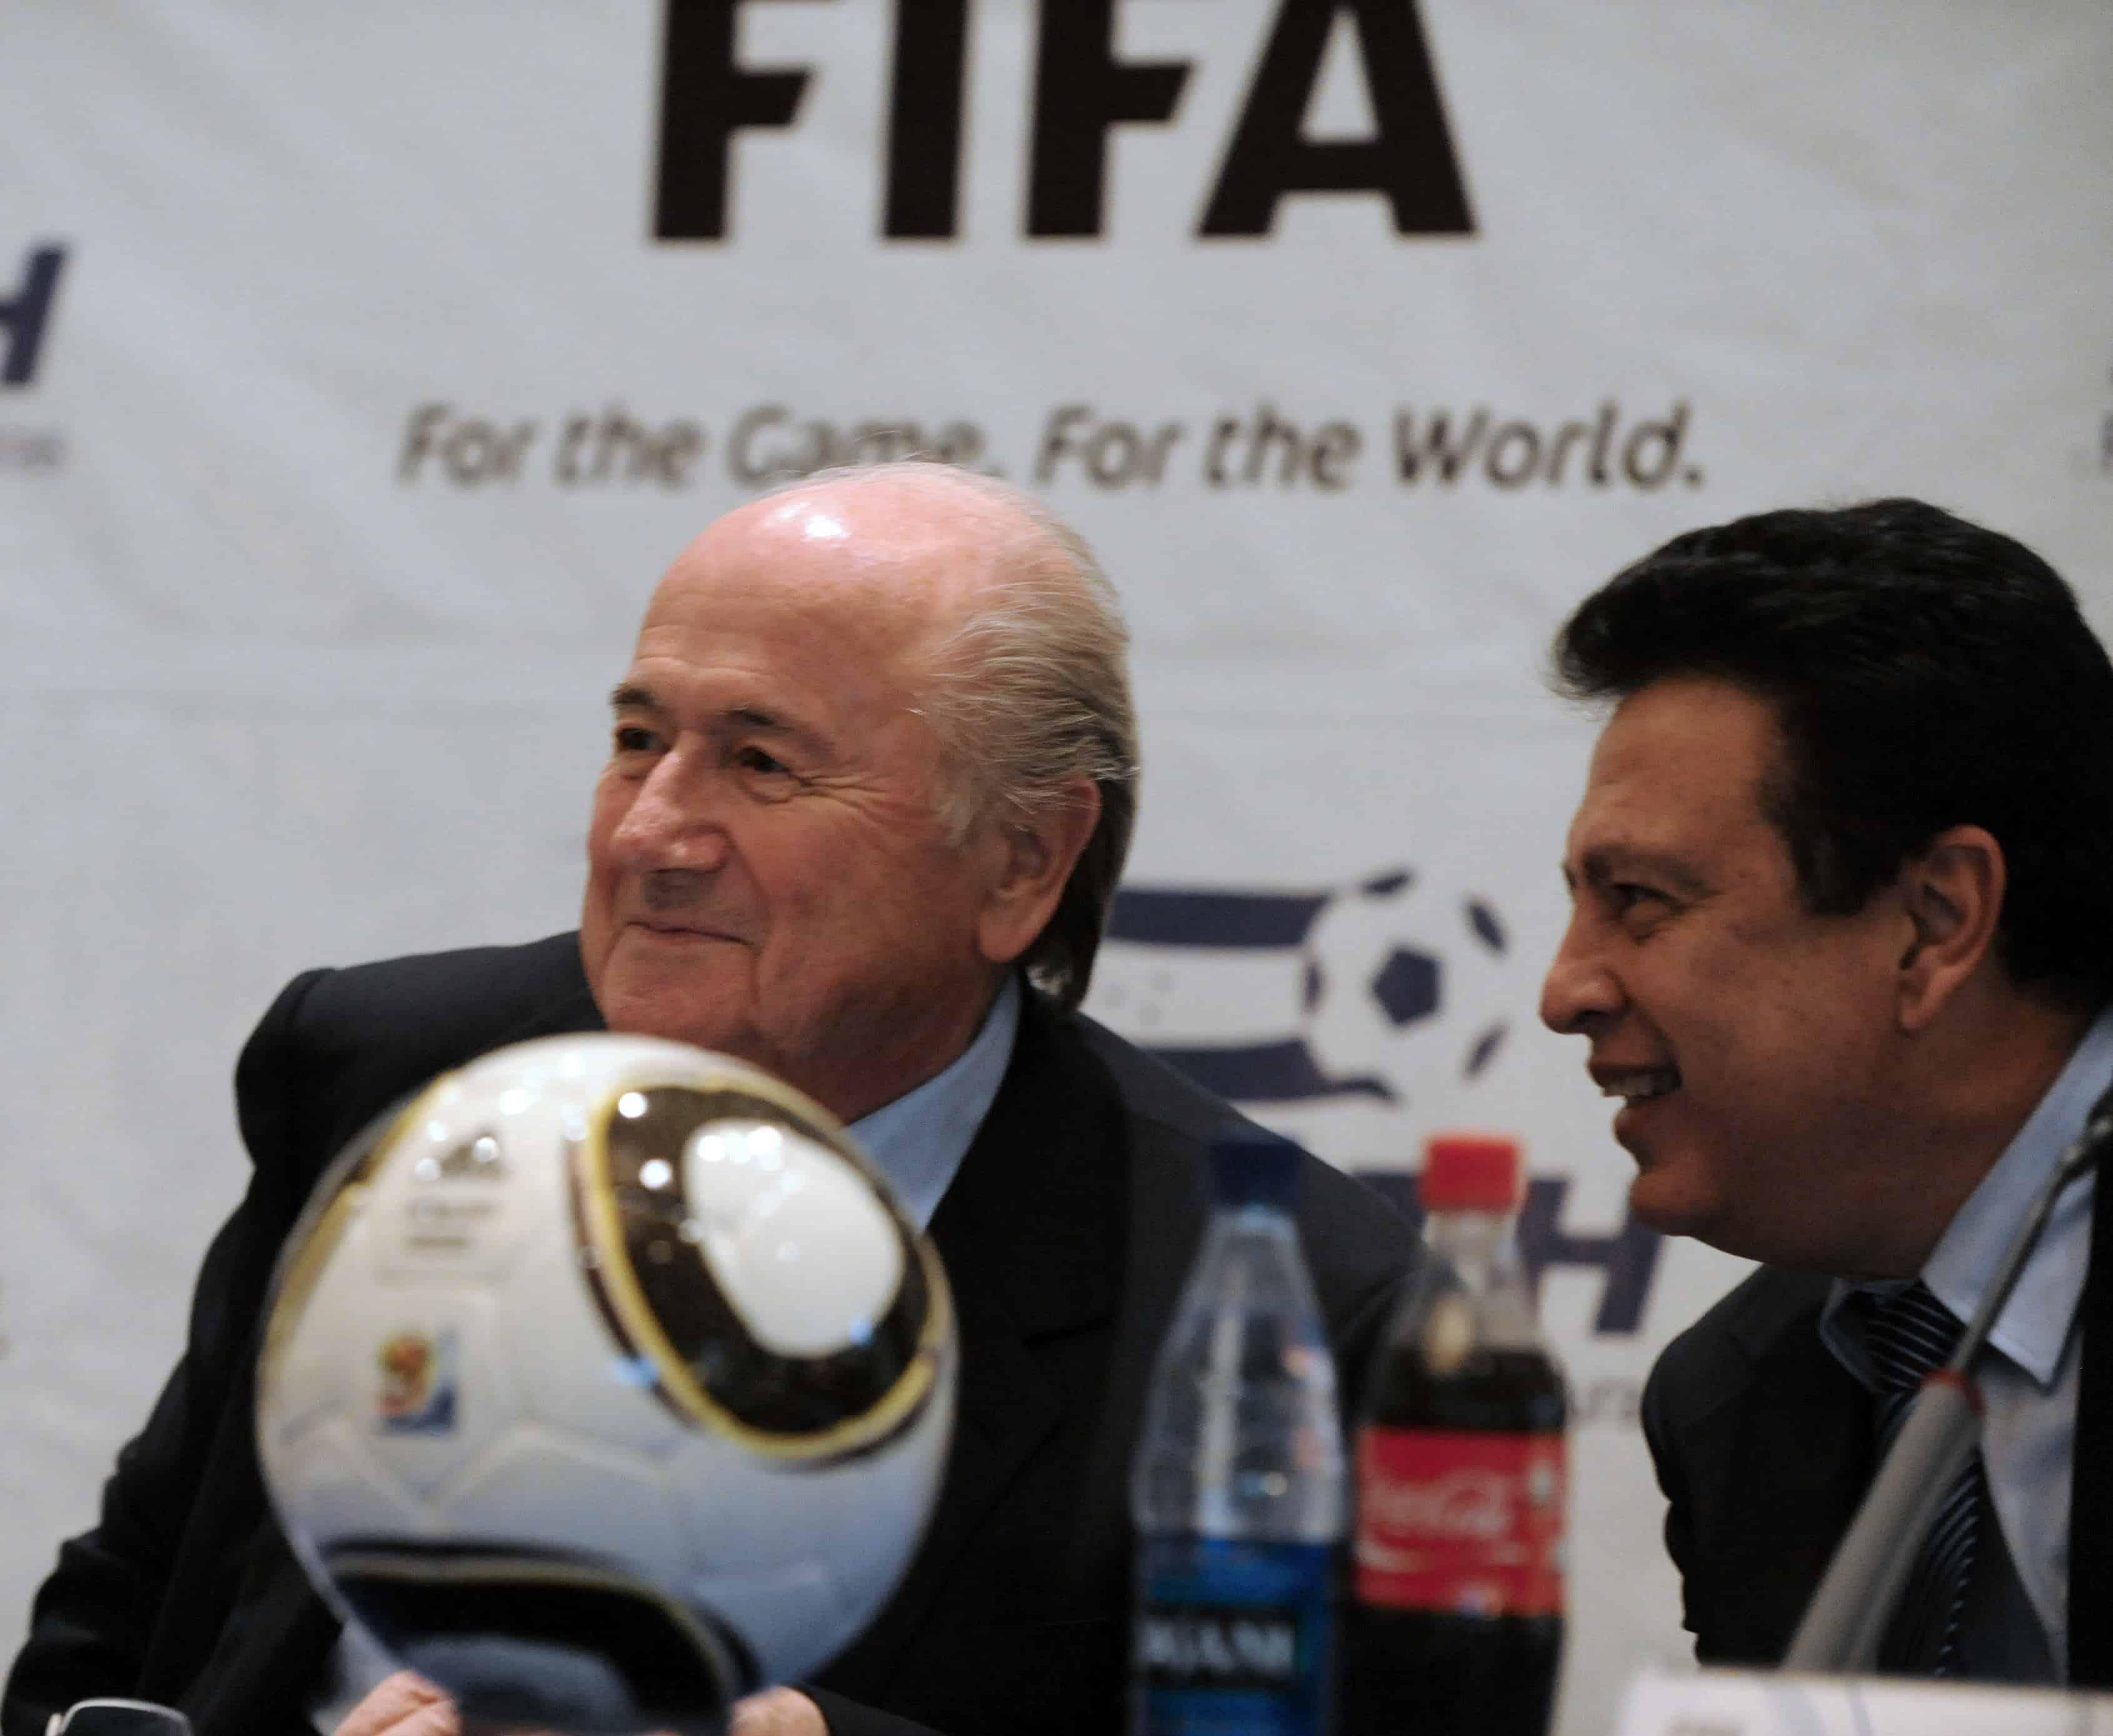 FIFA President Joseph Blatter, left, seen here with Alfredo Hawit in Honduras on April 12, 2011.